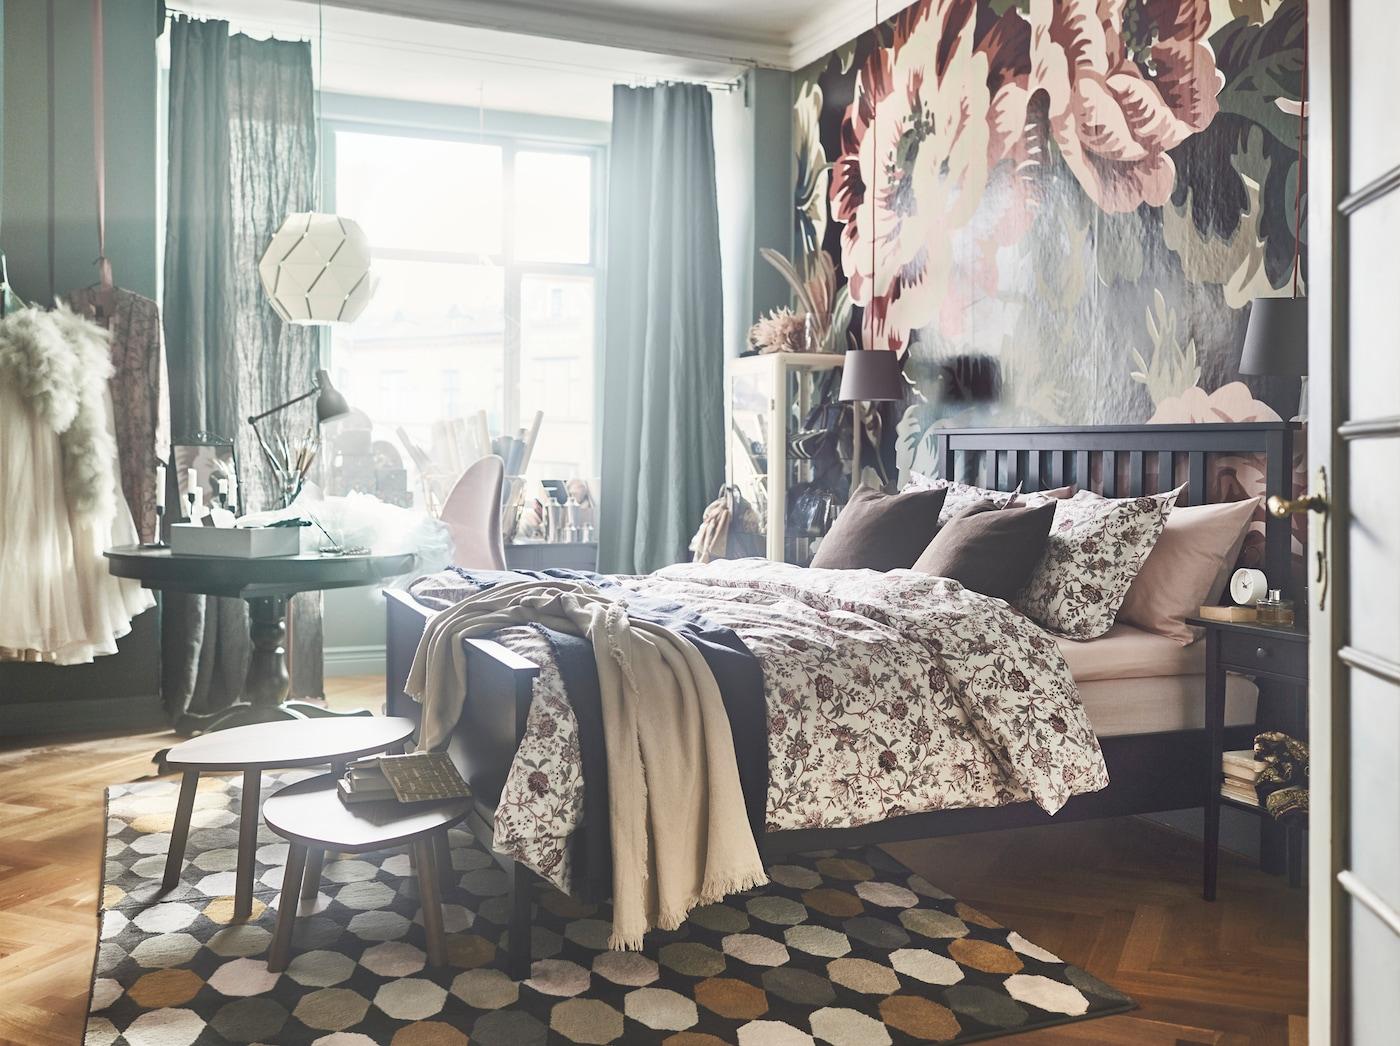 غرفة نوم انتقائية - IKEA